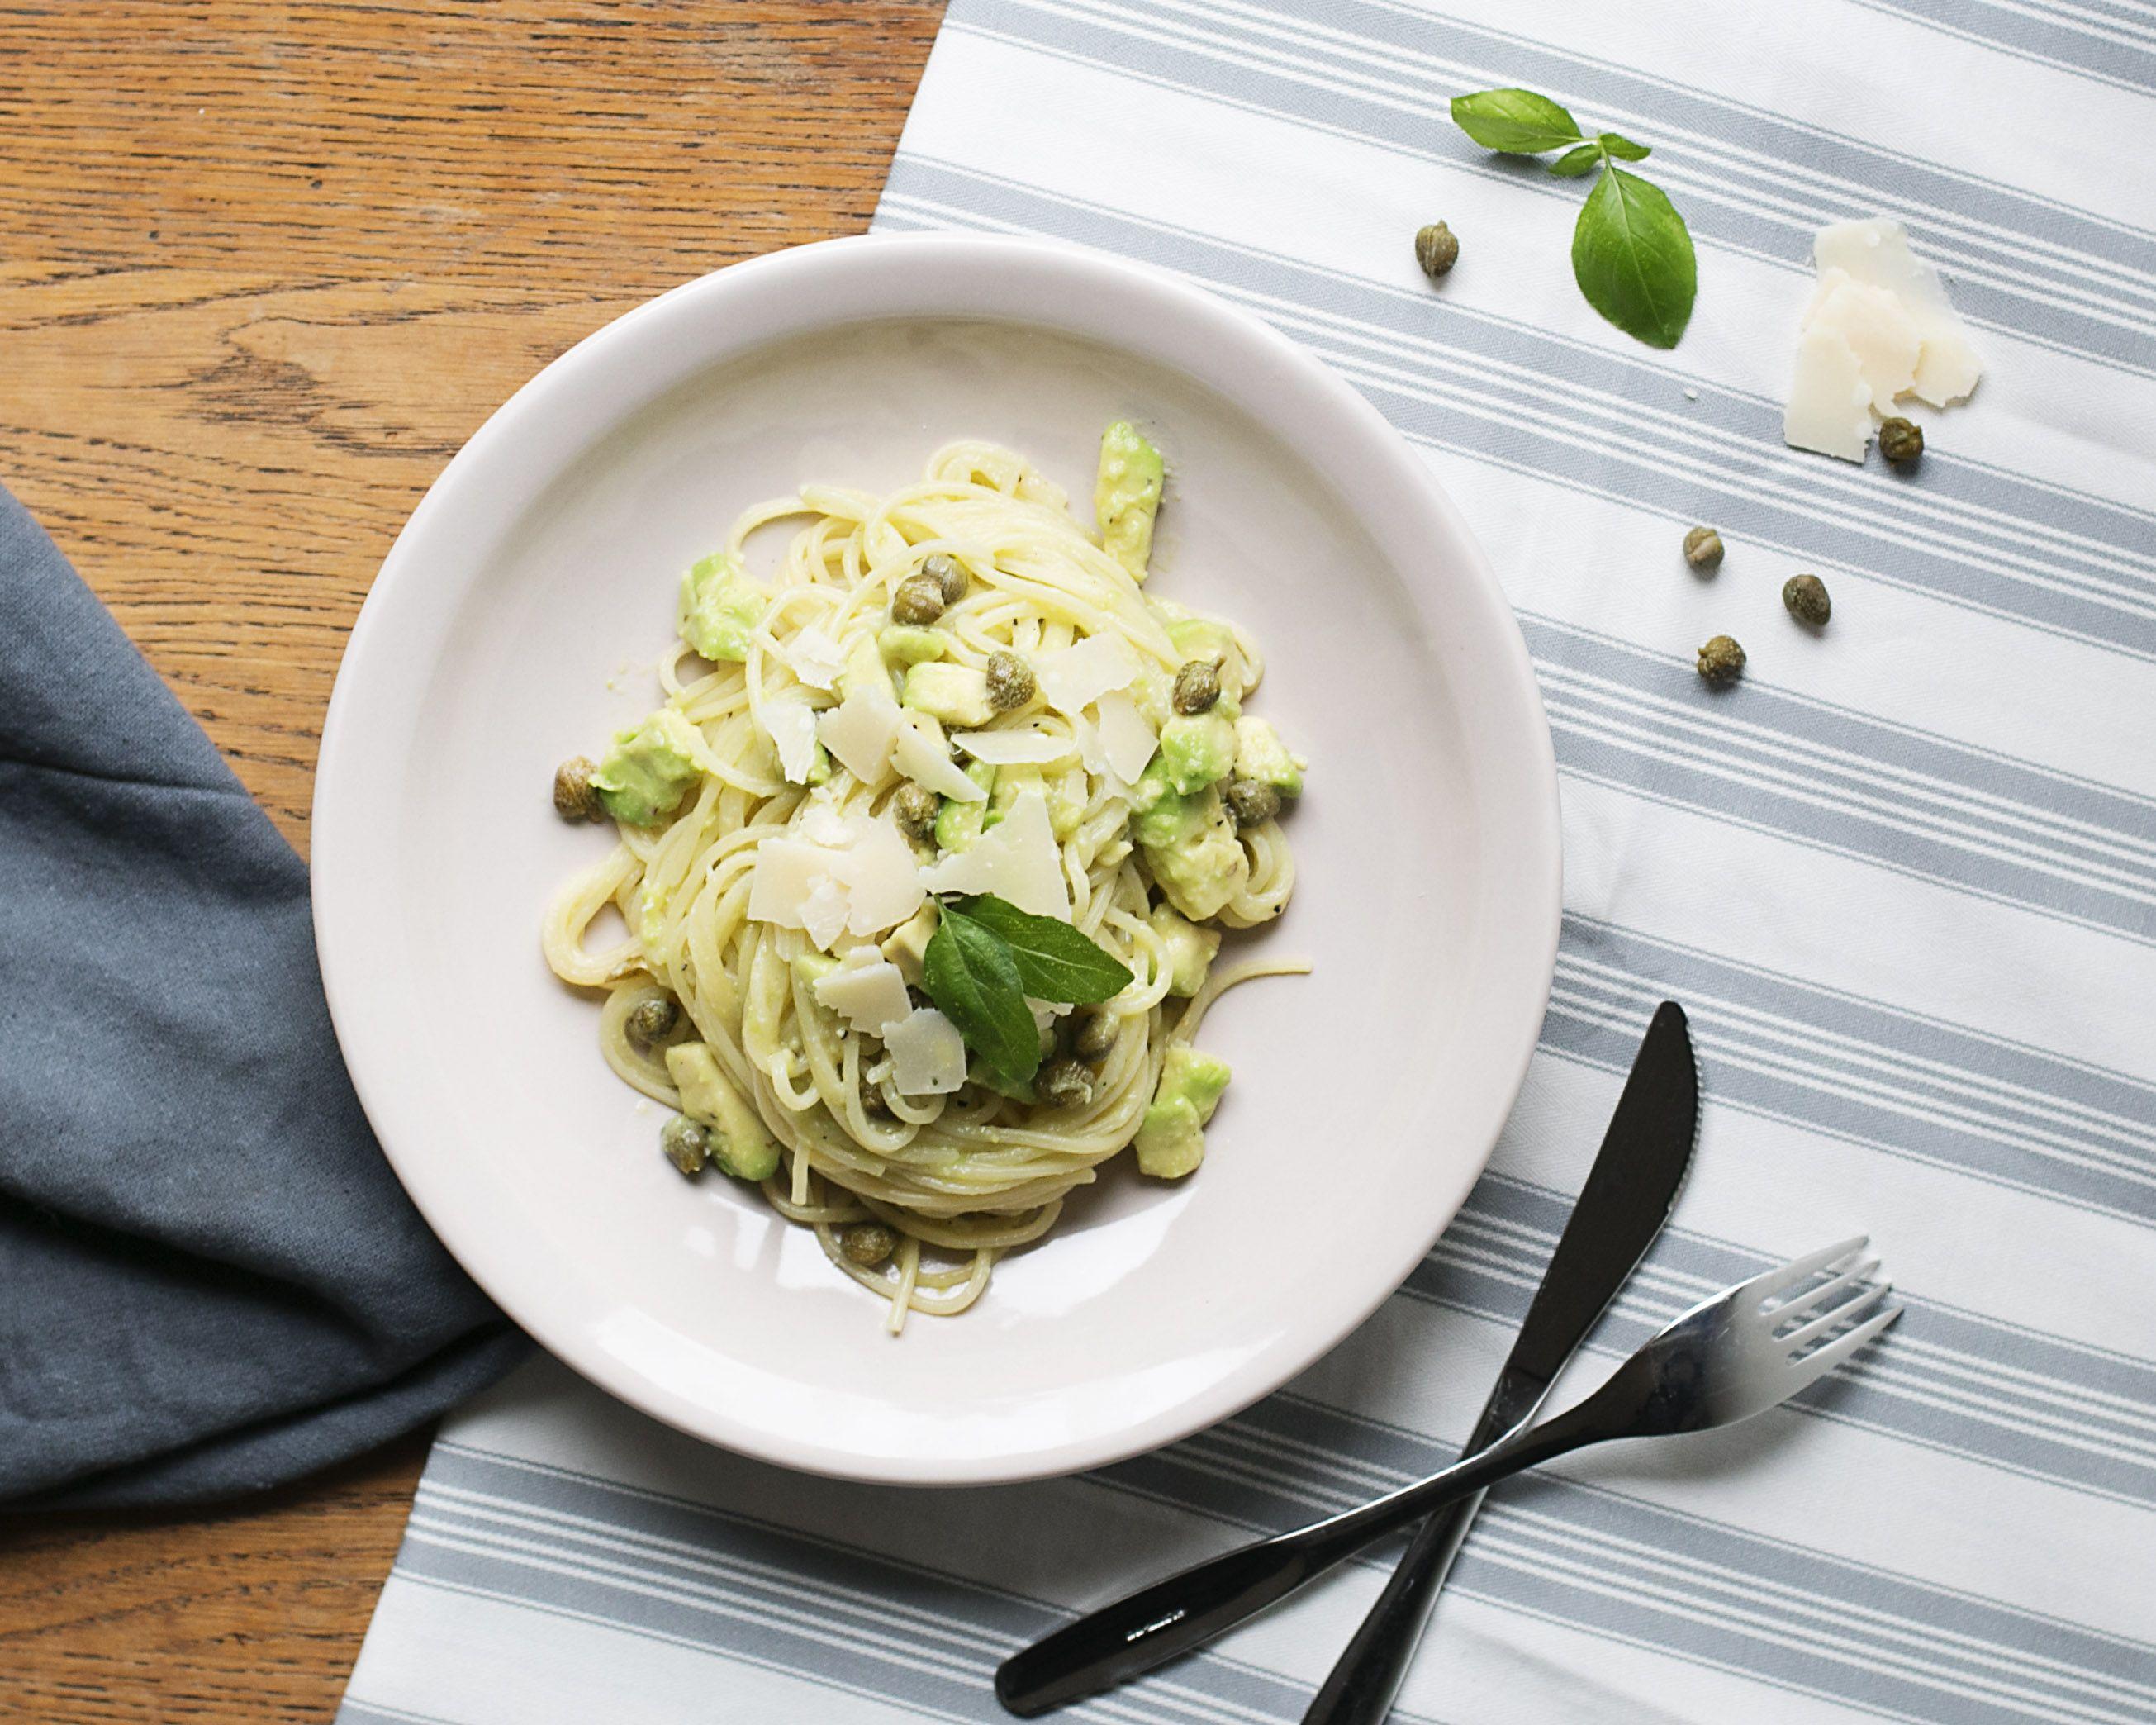 Tasty and easy lemon caper pasta